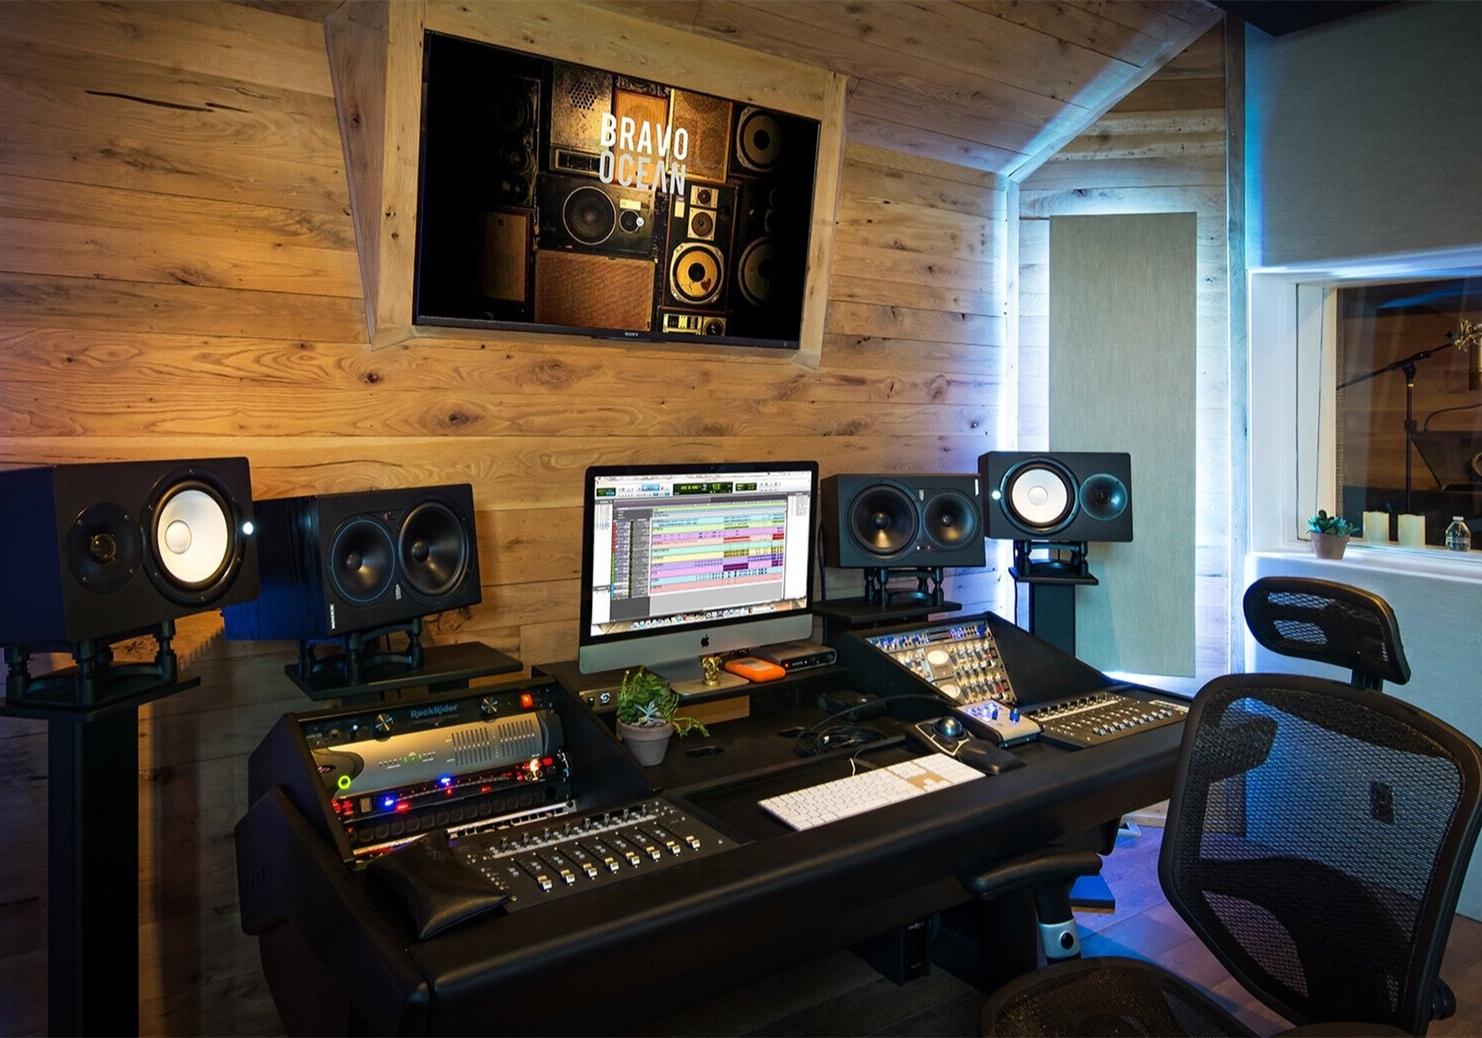 如何尽可能的省钱,把卧室改造成家庭录音棚/工作室?